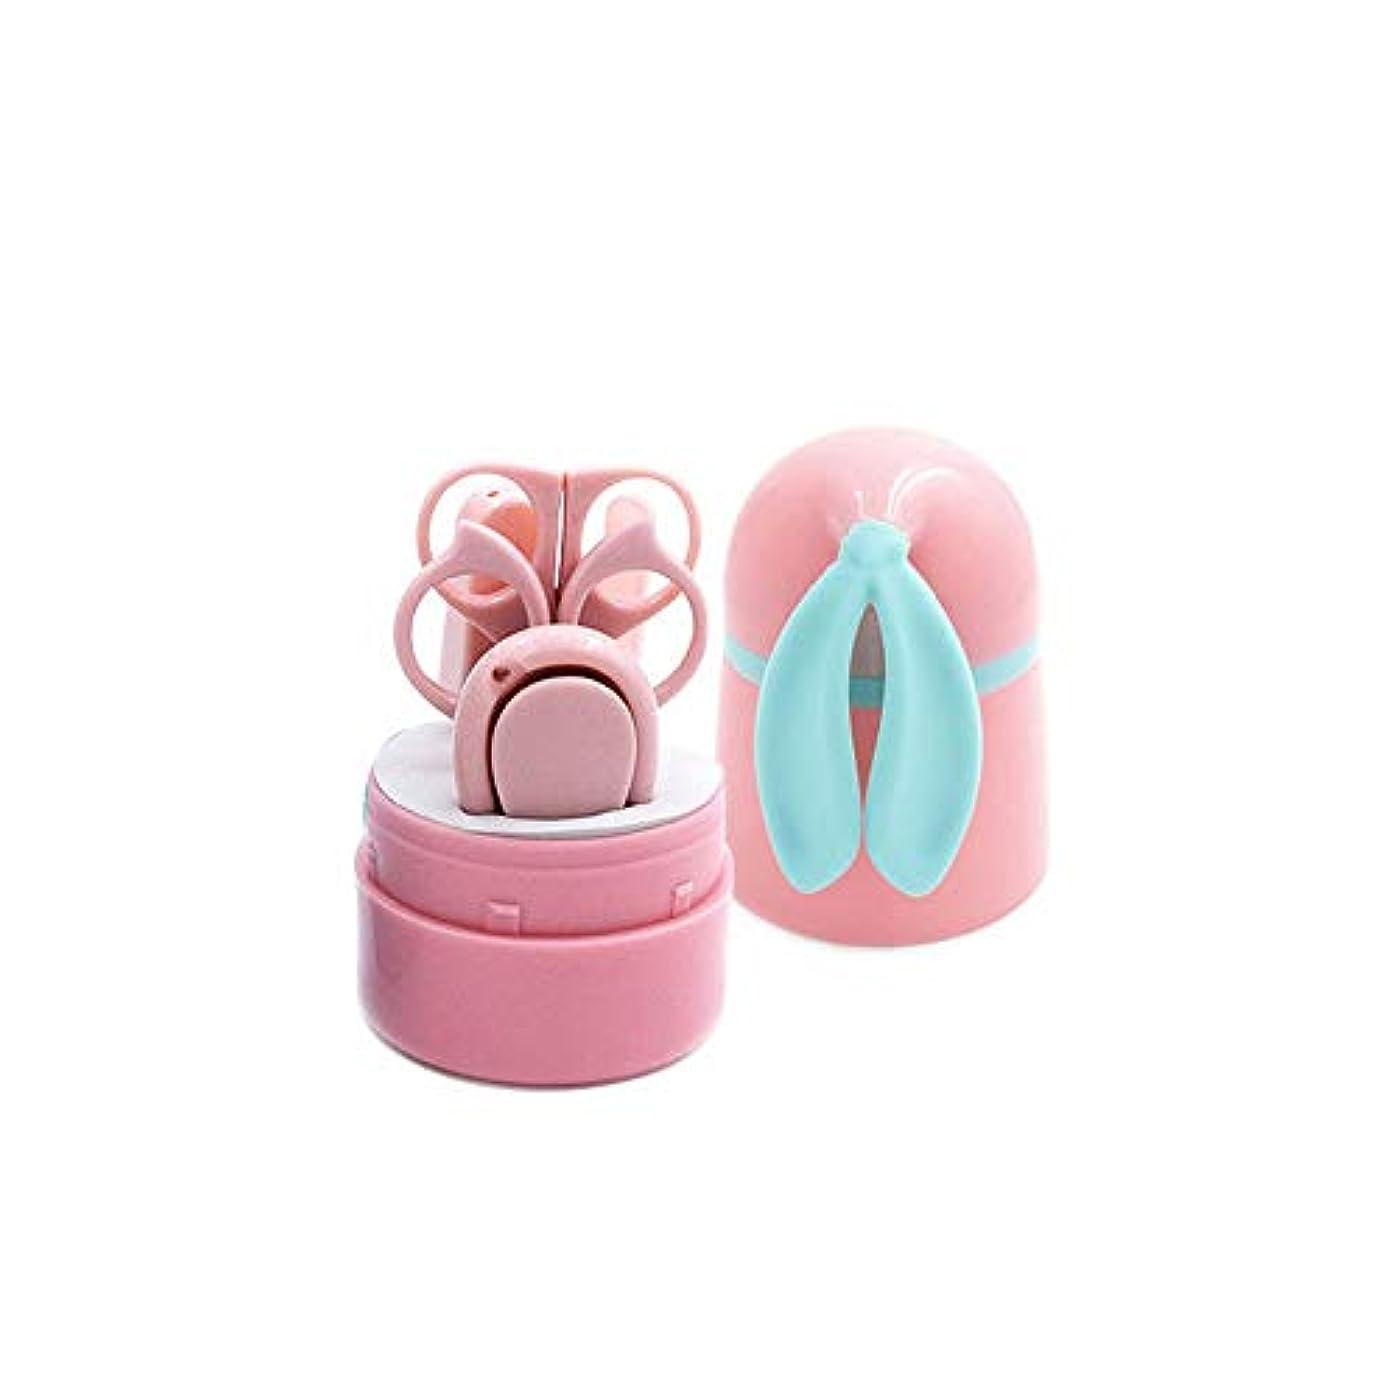 チェリーメタルライン批判的にベビーネイルクリッパー かわいいバニーの耳はネイルケアマニキュアセット、ピンク、5点セット